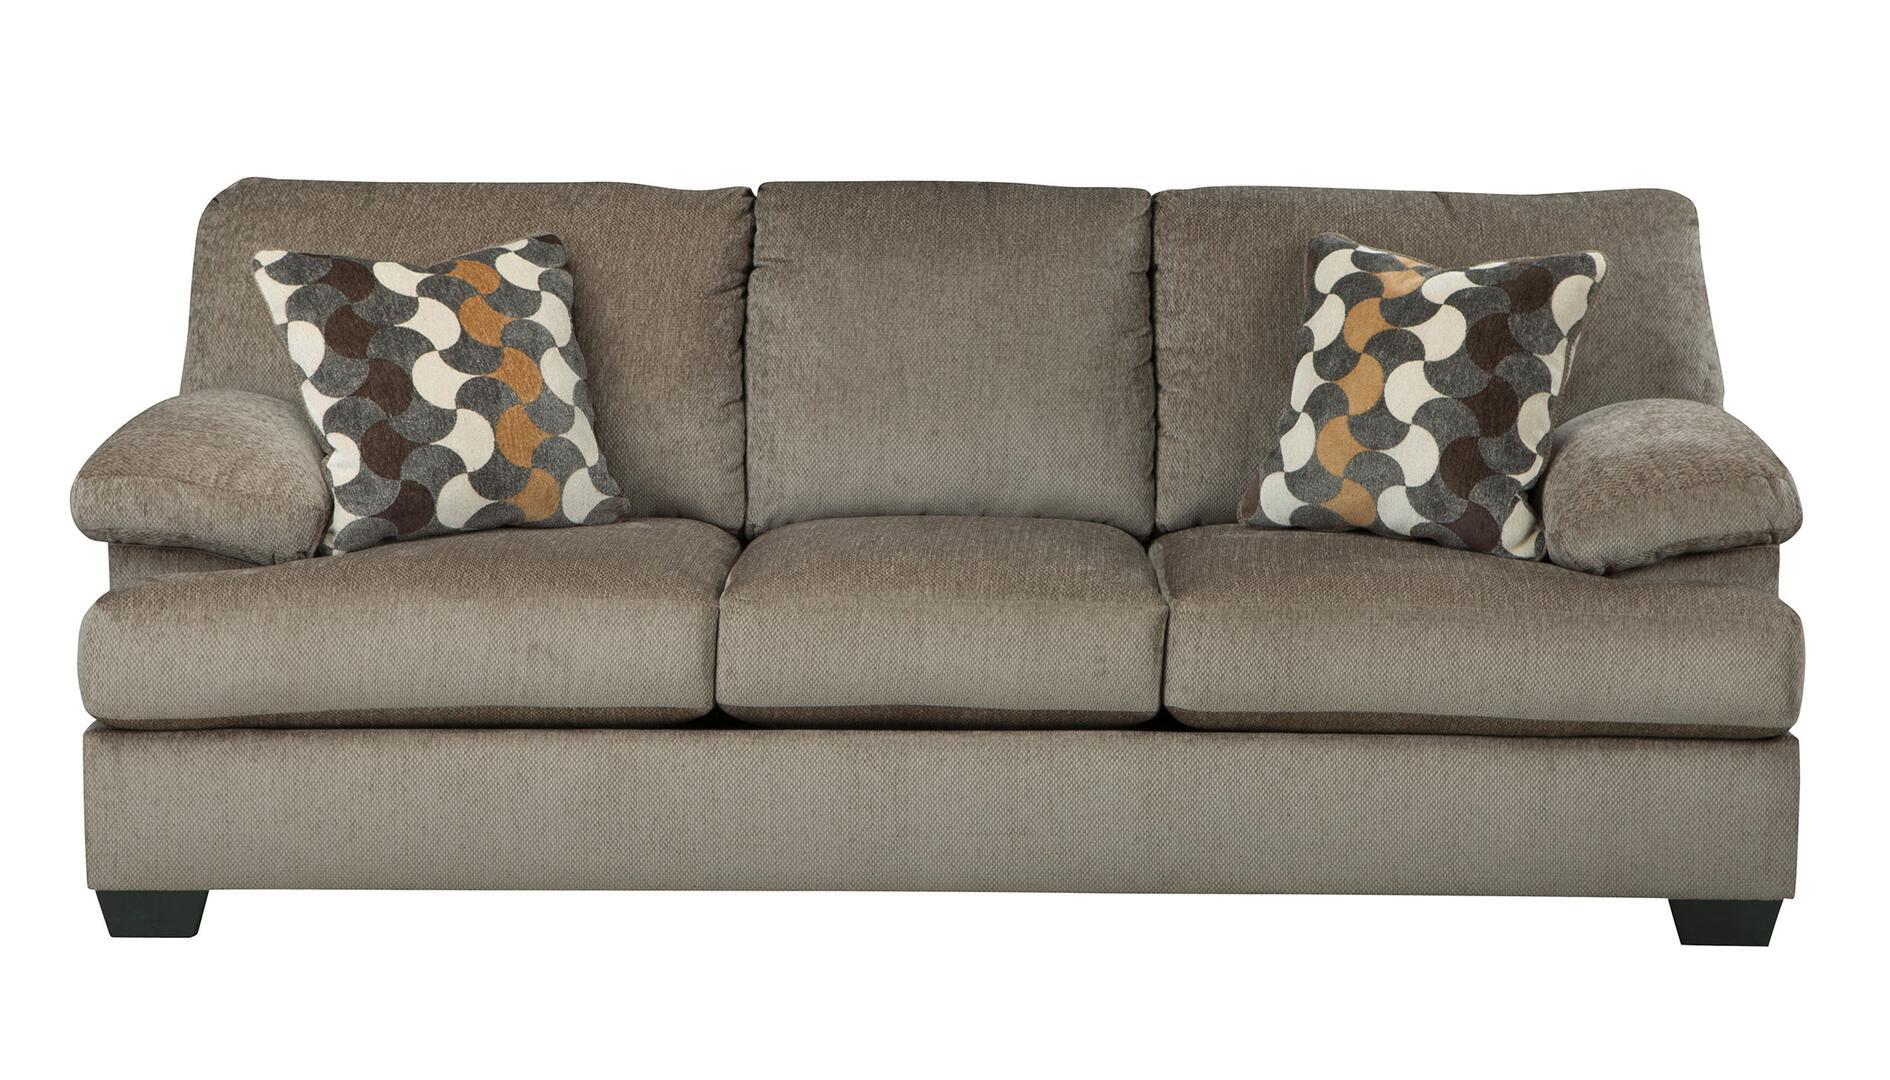 Benchcraft 20400sl3t2or2lwa Kenzel Living Room Sets